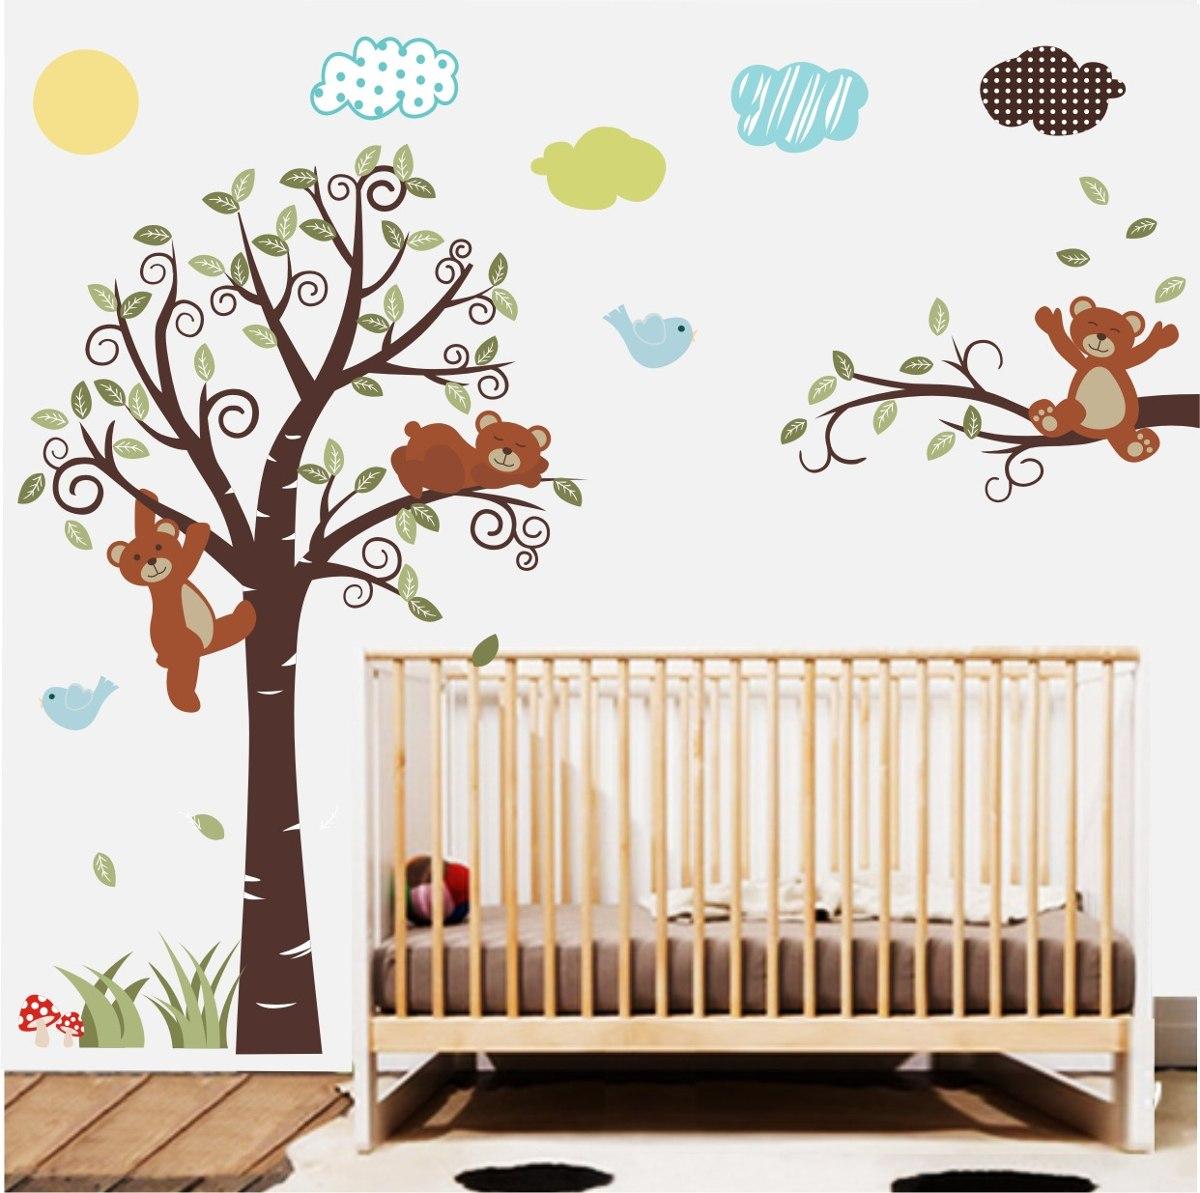 Adesivo papel parede quarto infantil ursinho arvore zoo for Papel decorativo pared infantil